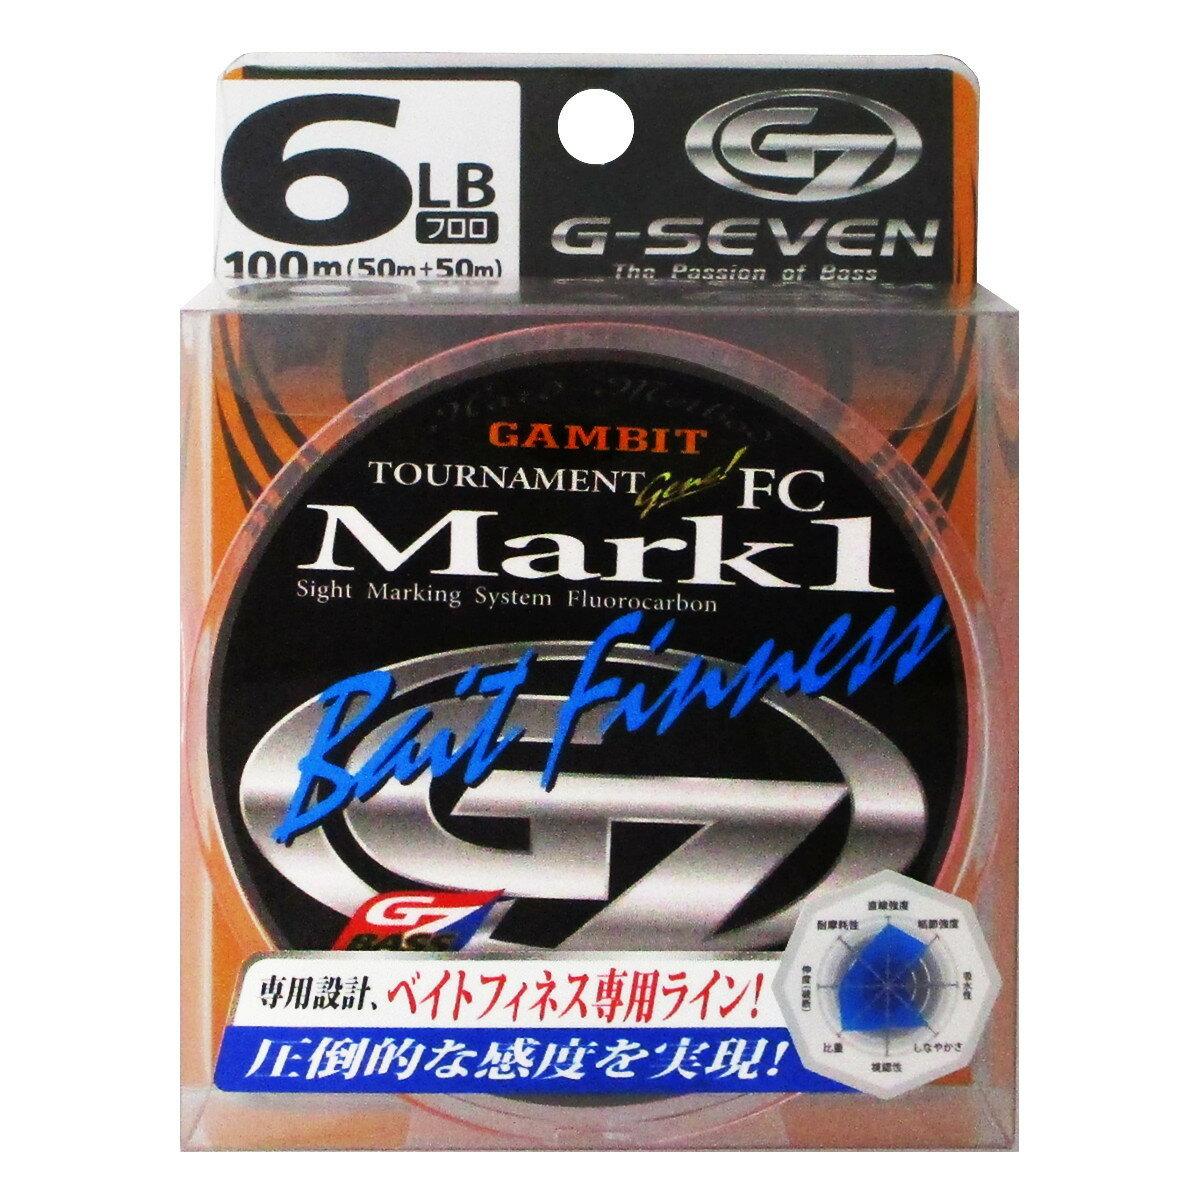 ラインシステム G7 トーナメントジーン MARK1 ベイトフィネス G3106C 100m 6lb【ゆうパケット】